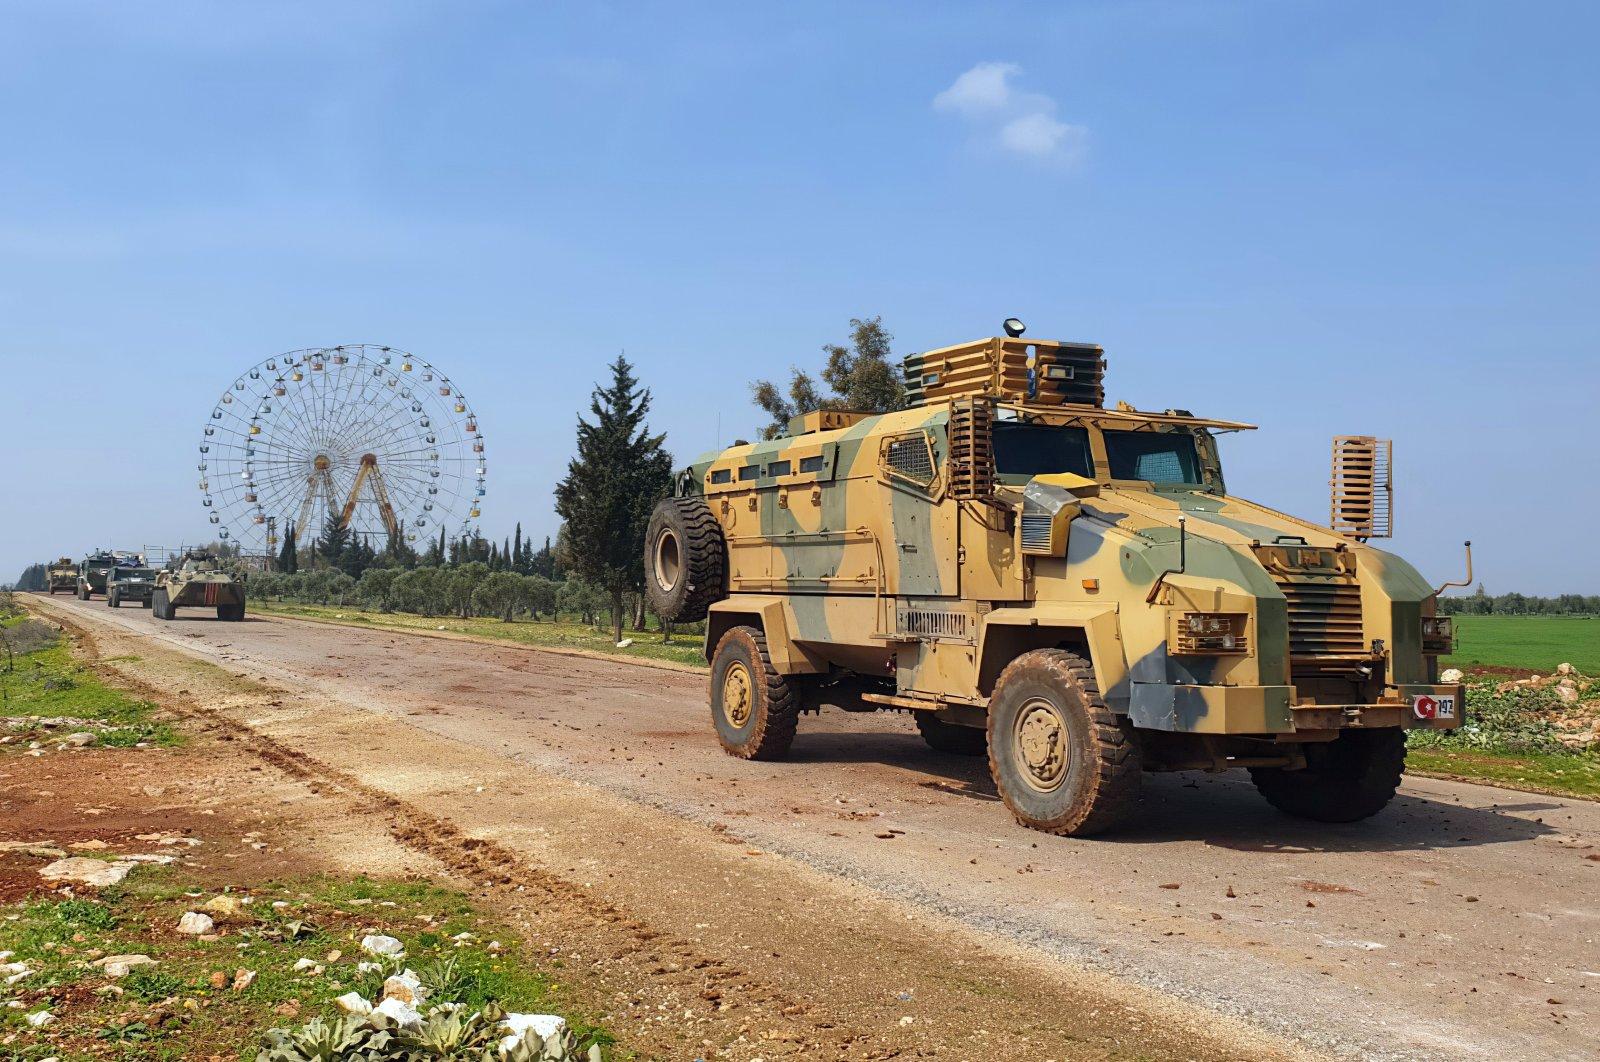 土耳其国防部:土俄联合巡逻车队在叙利亚遭袭